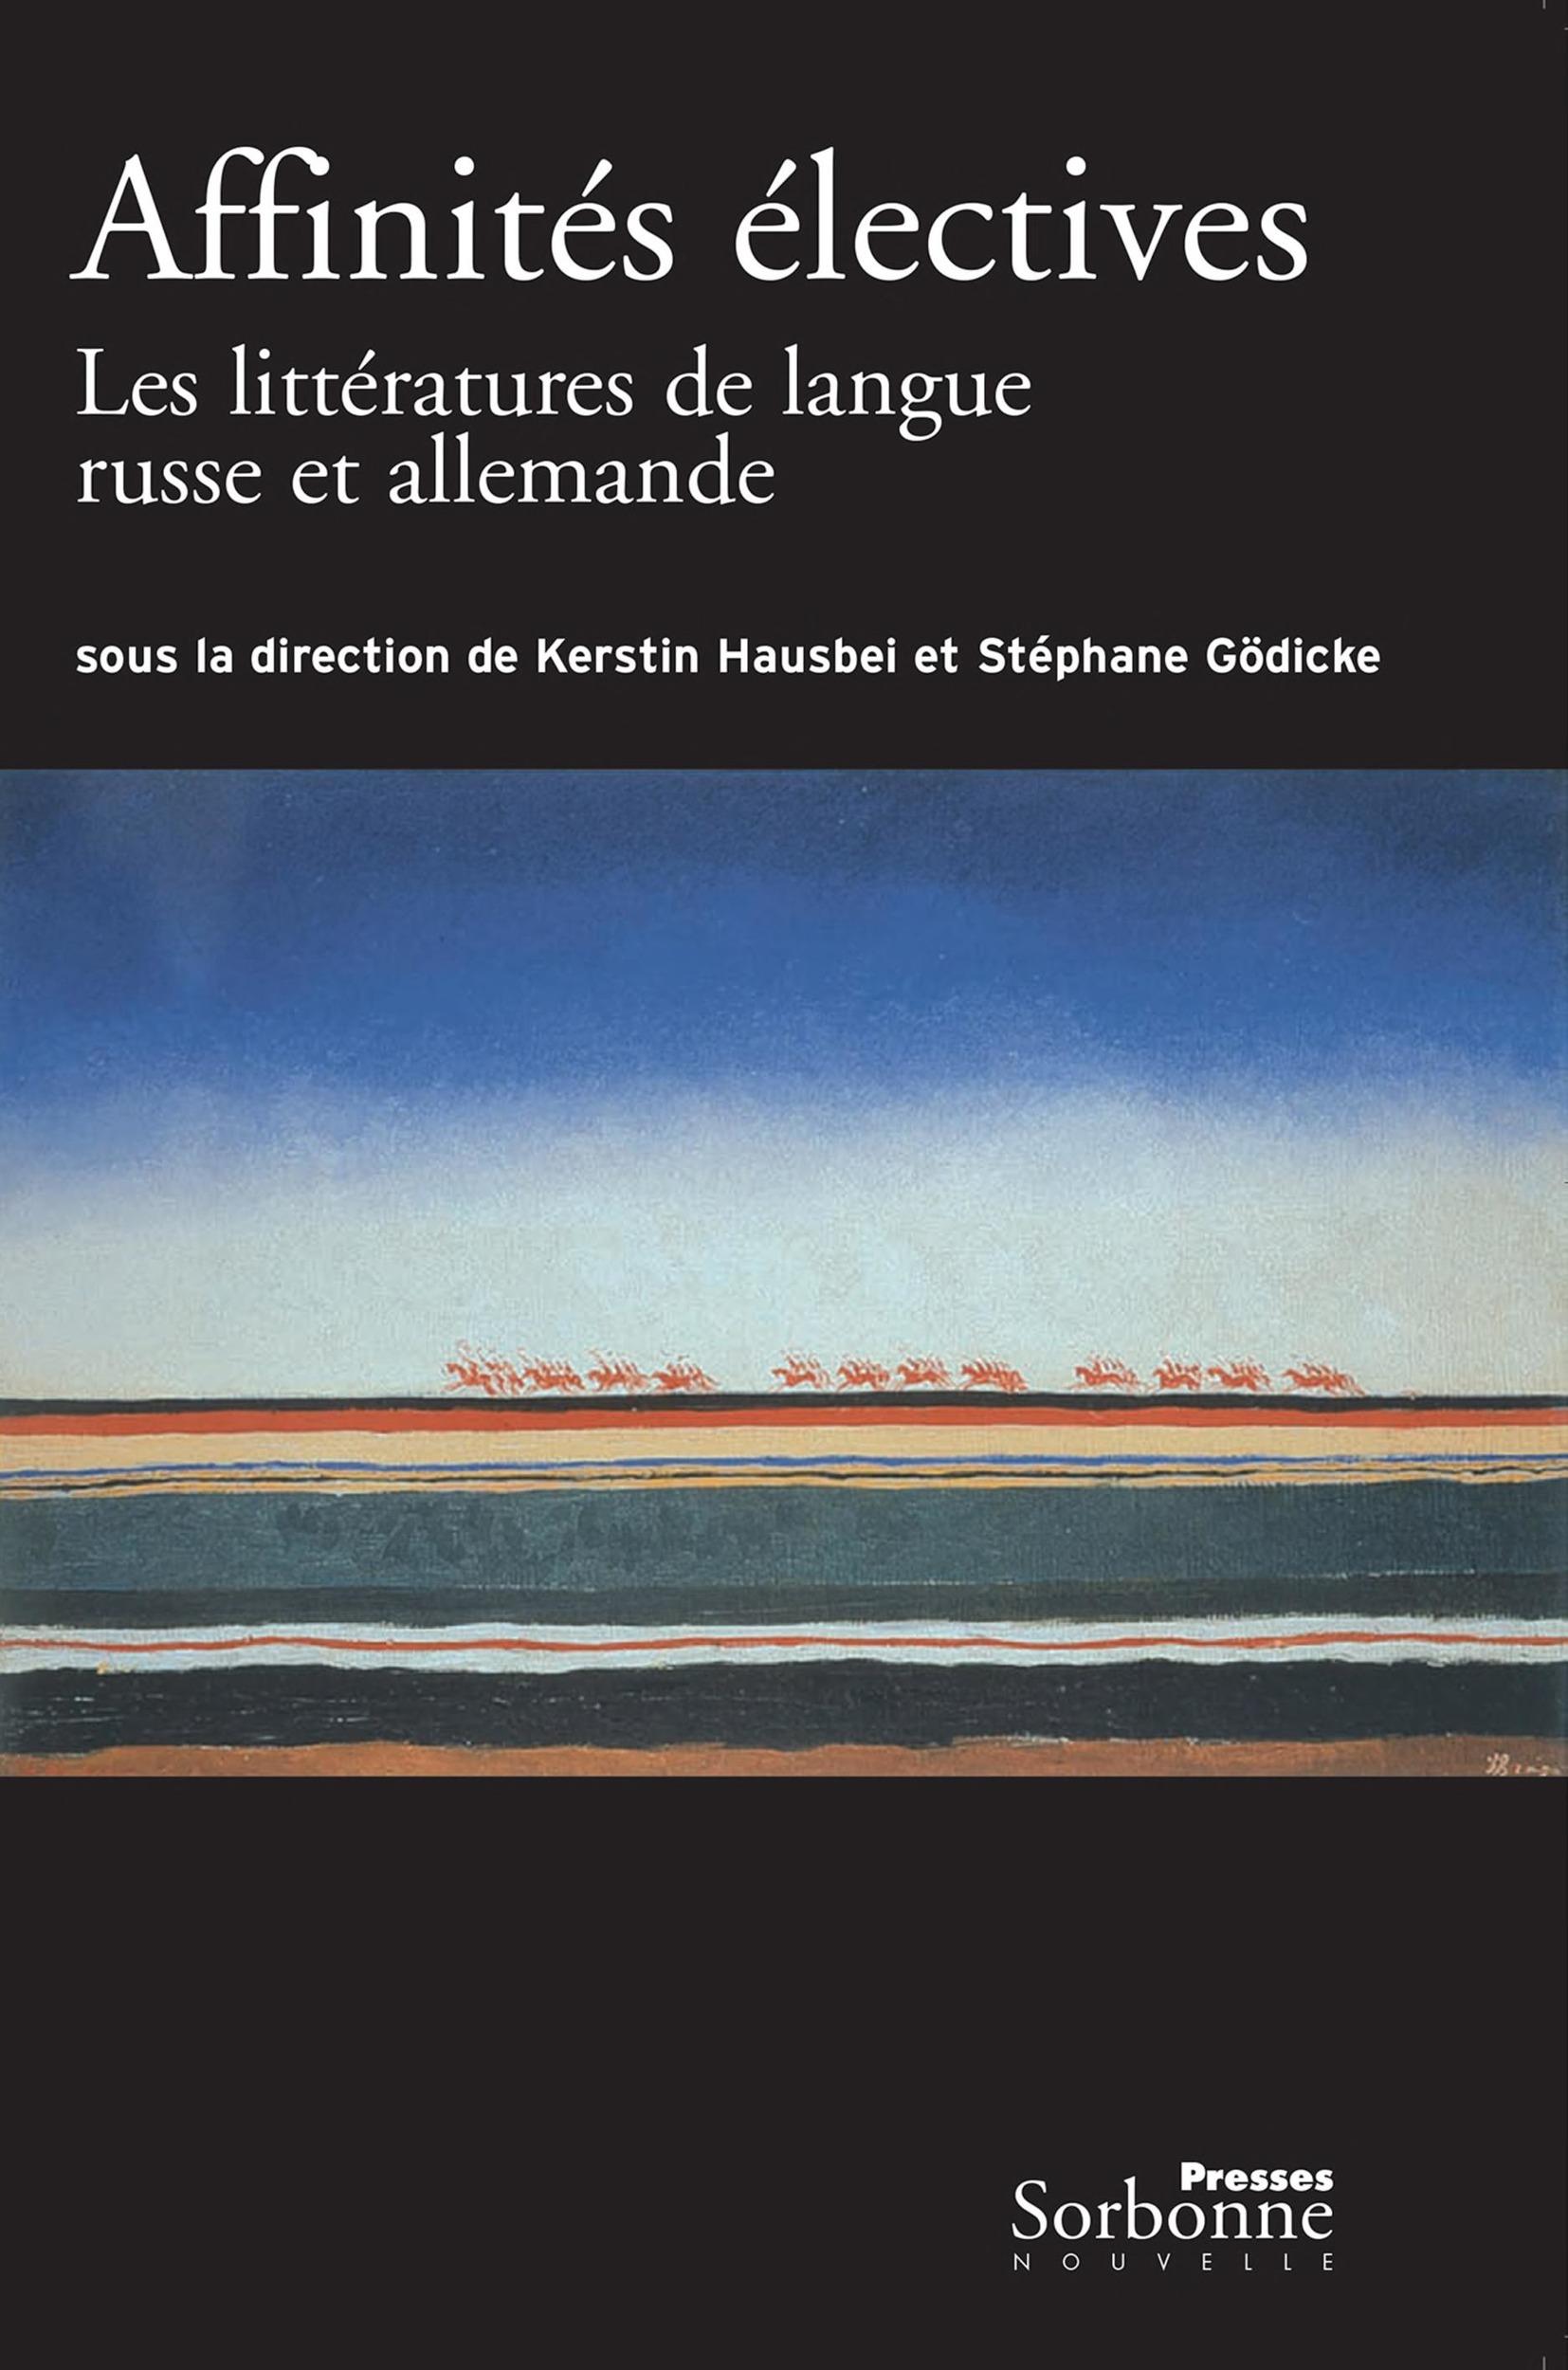 Affinités électives ; les littératures de langue russe et allemande (1880-1940)